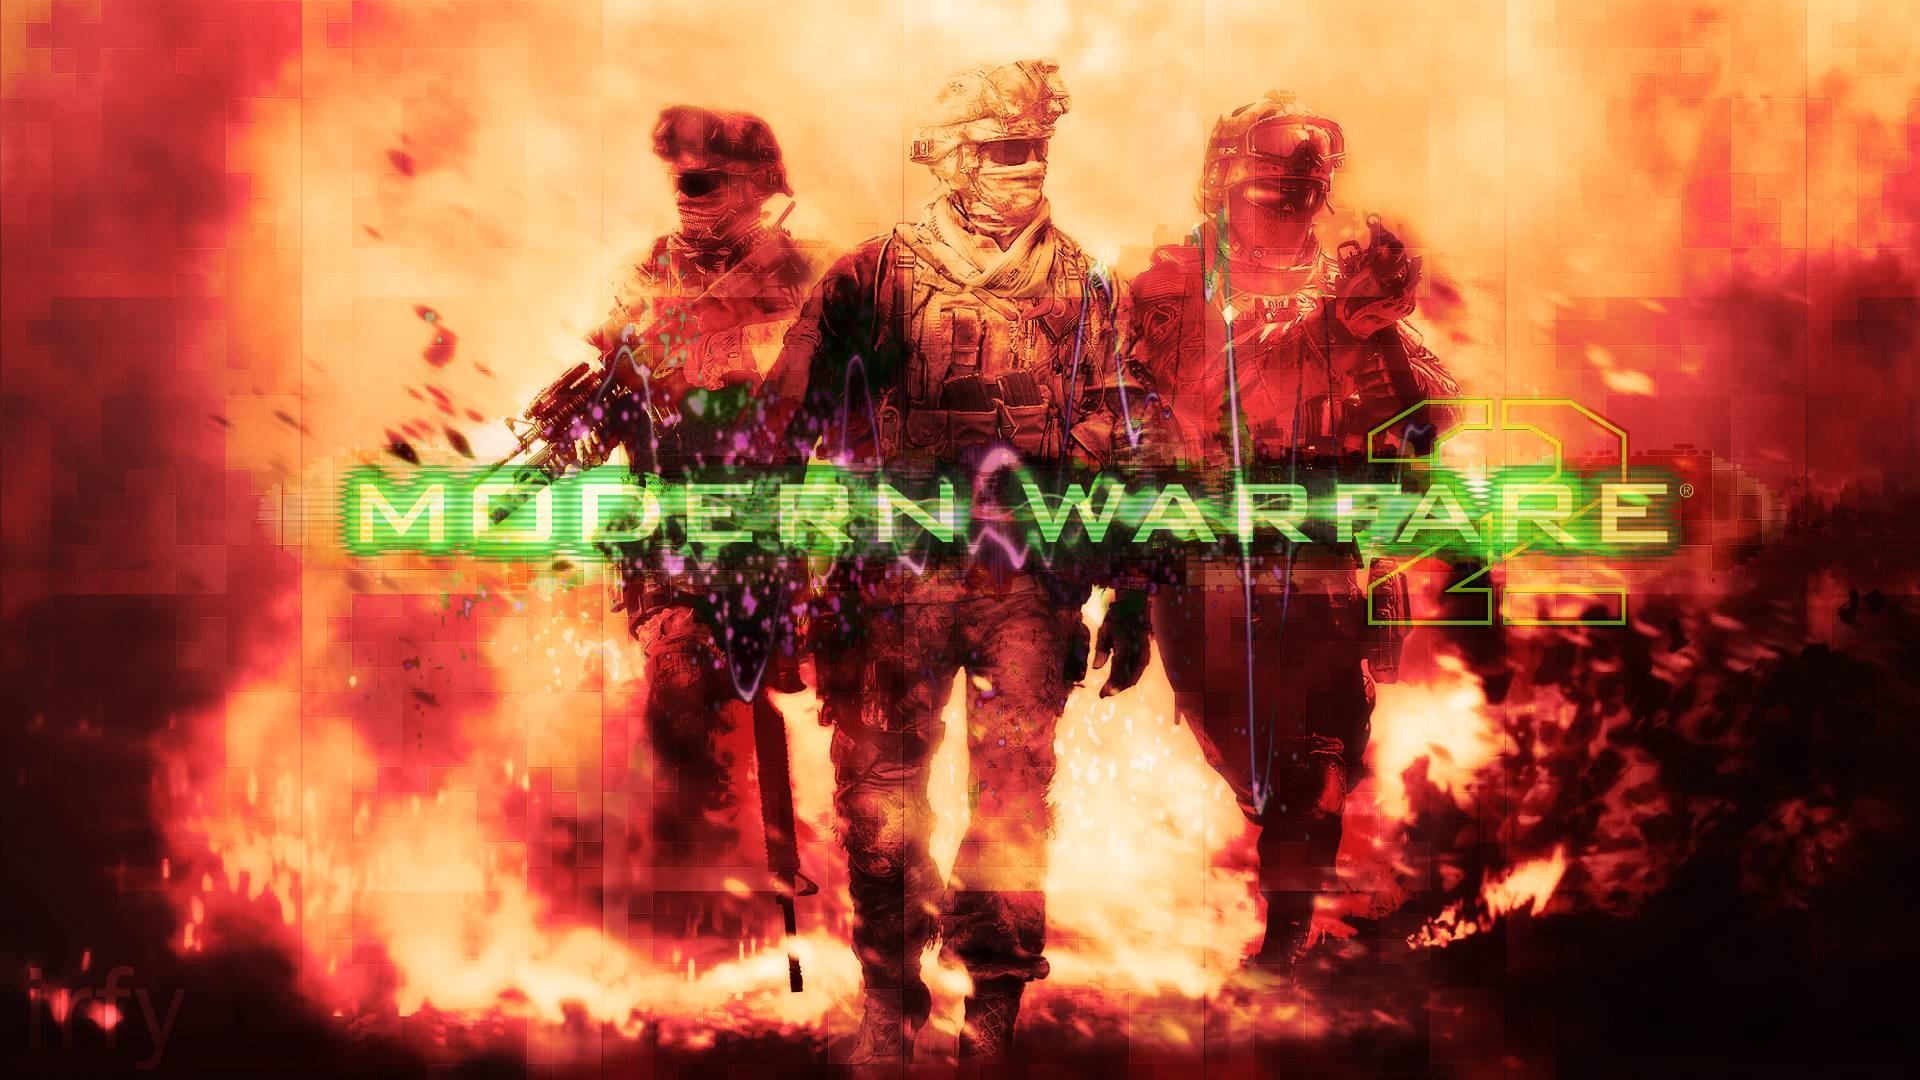 1920x1080 PC Call Of Duty Modern Warfare 2 Shotgun Jump In Favela